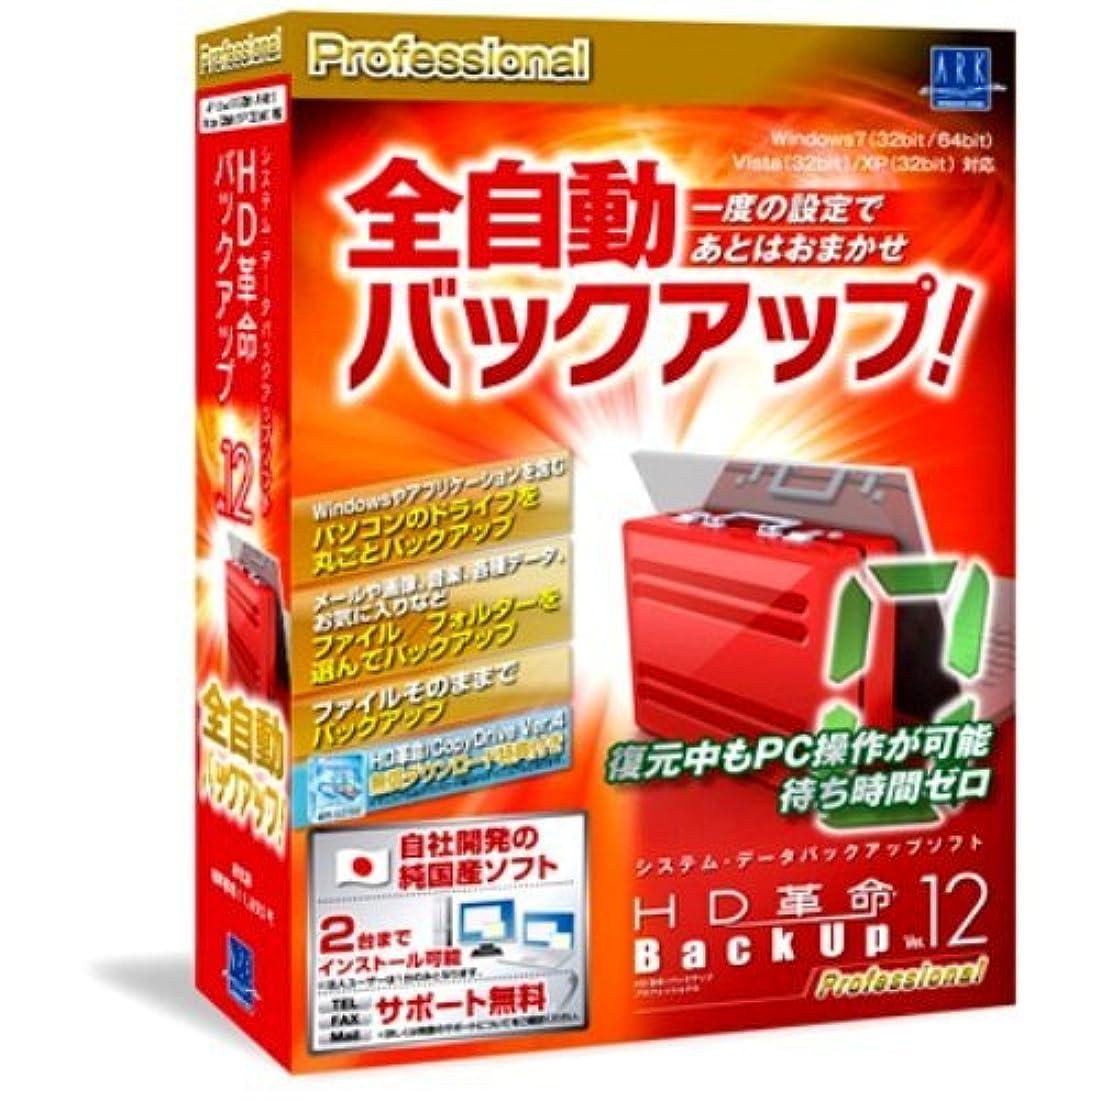 インサートレトルト適応HD革命/BackUp Ver.12 Professional 通常版